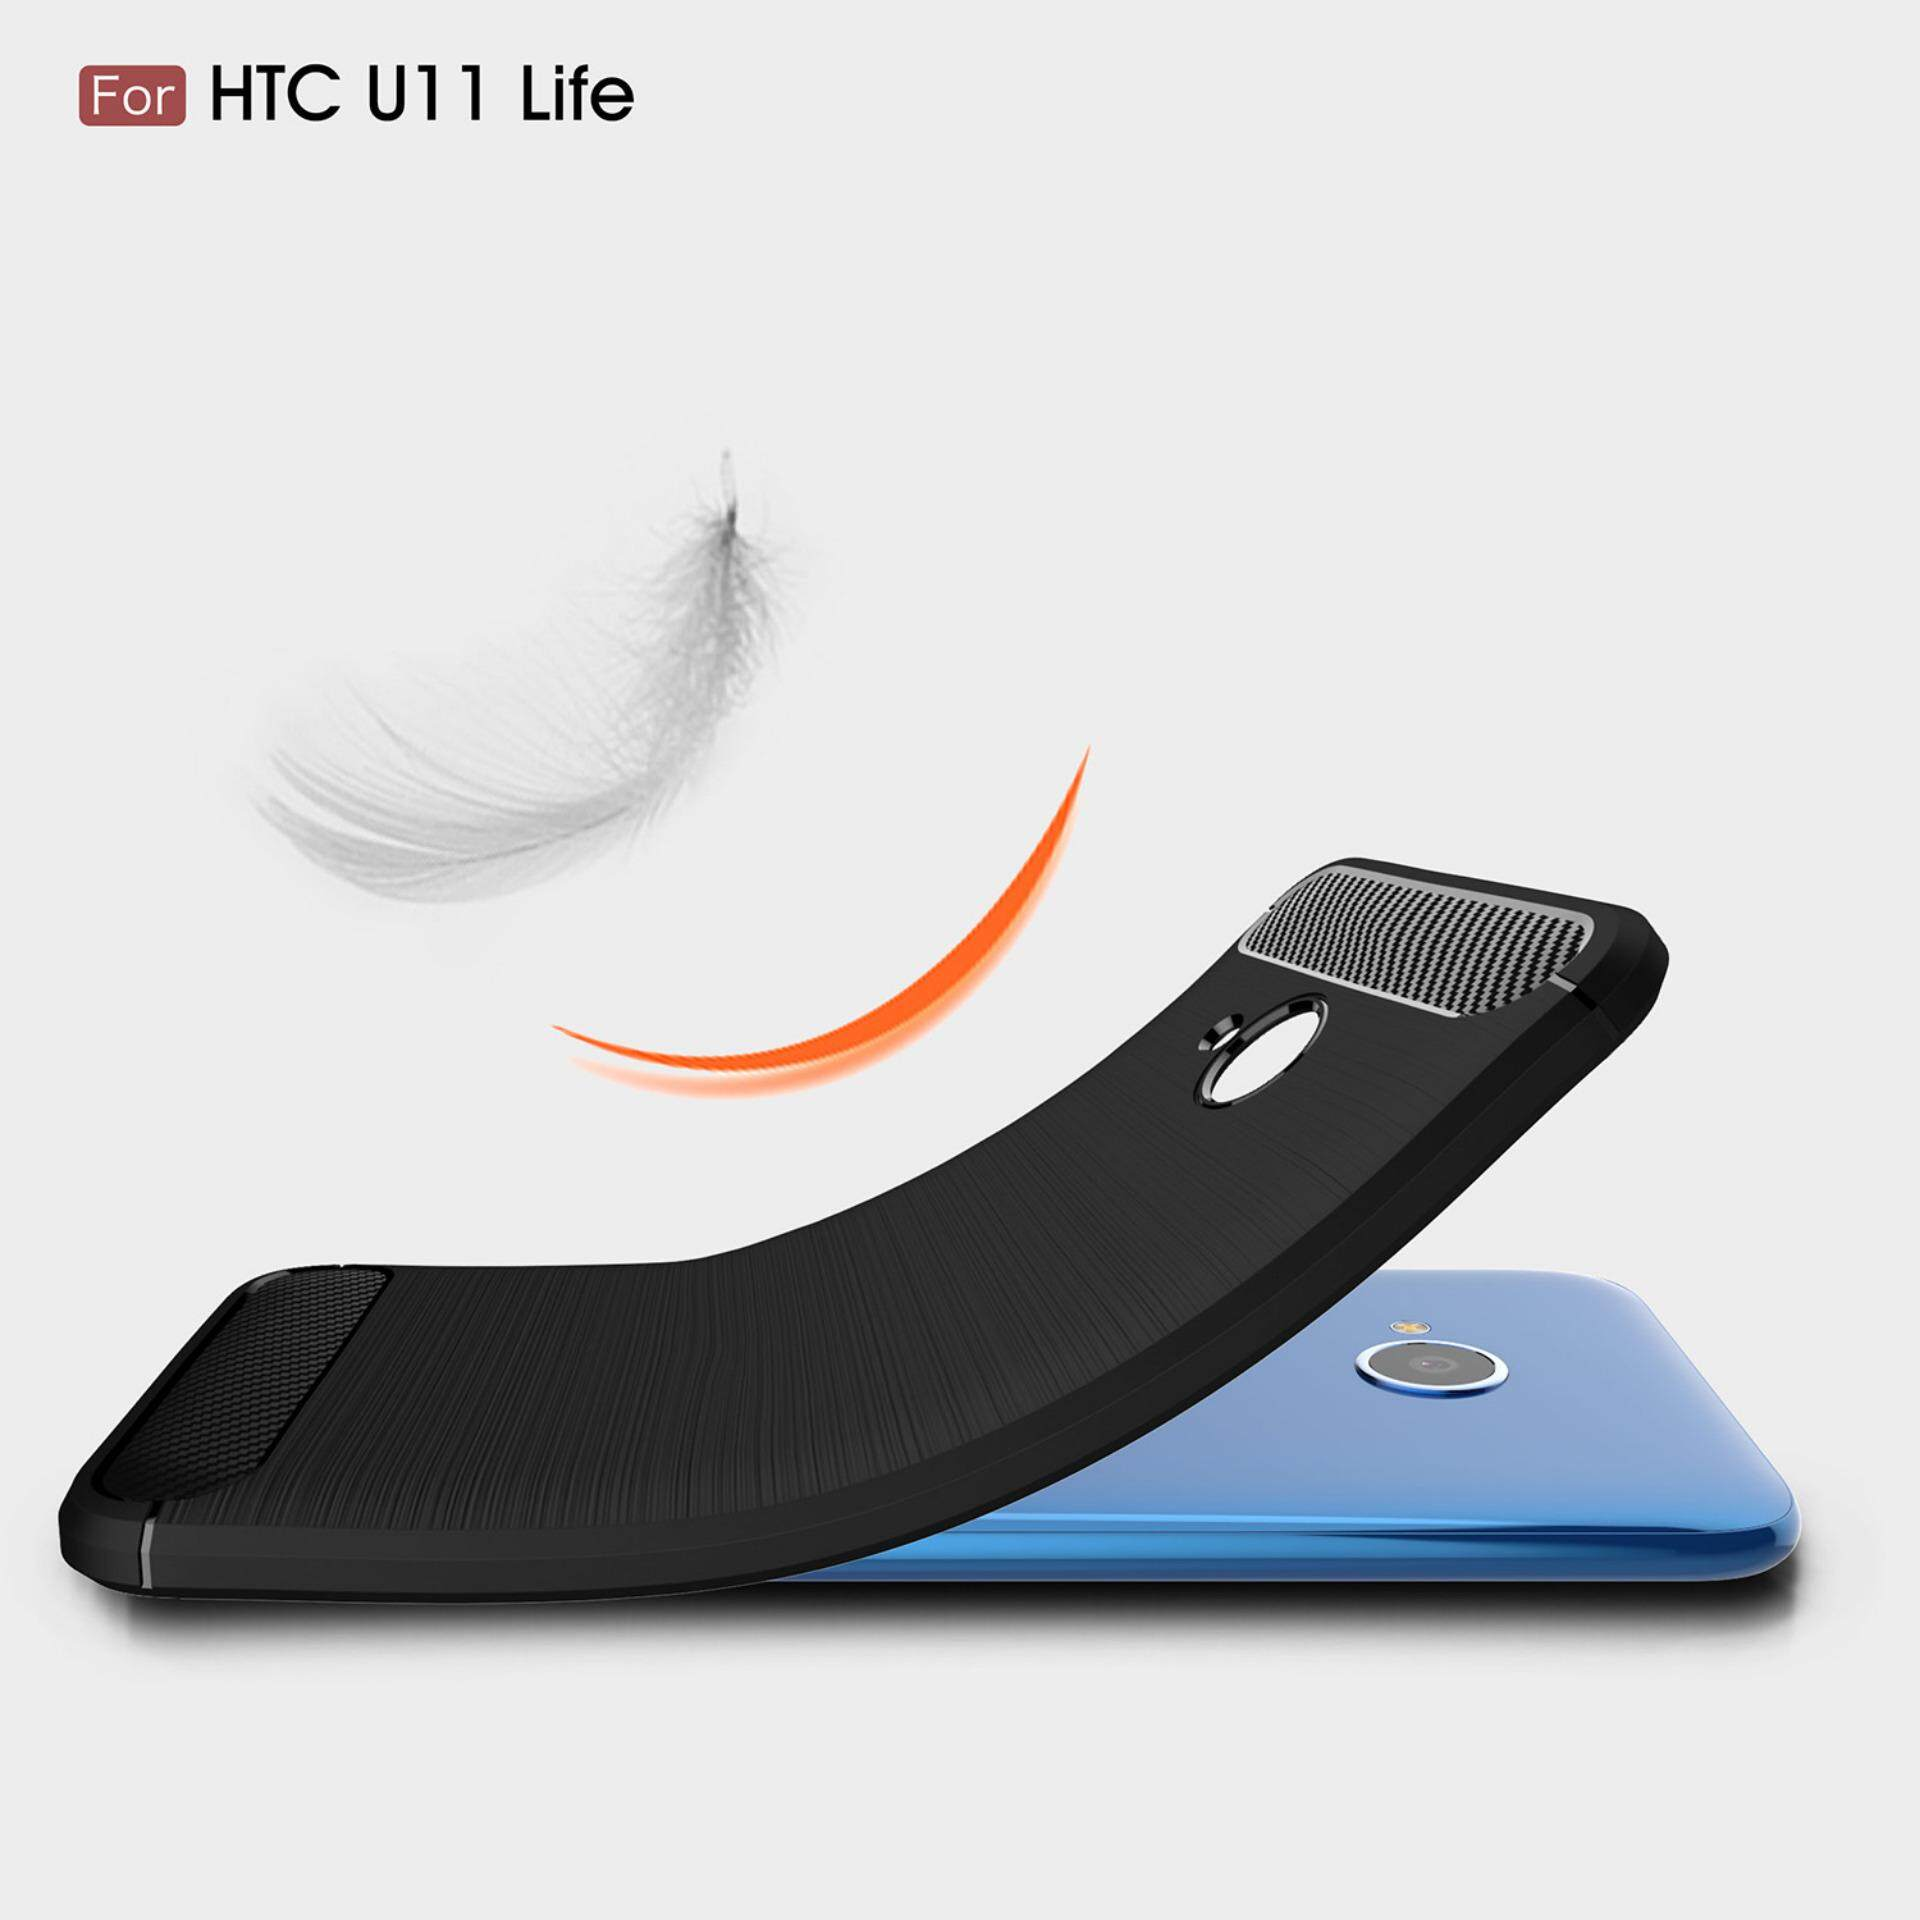 Sheng Cale Hp Foto Printer Yang Terhubung Ke Baris Spec Dan Daftar 2676 Wifi Pengganti 3635 Detail Gambar Untuk Htc U11 Hidup Carbon Fiber Tpu Silikon Shockproof Casing Belakang Cover Intl